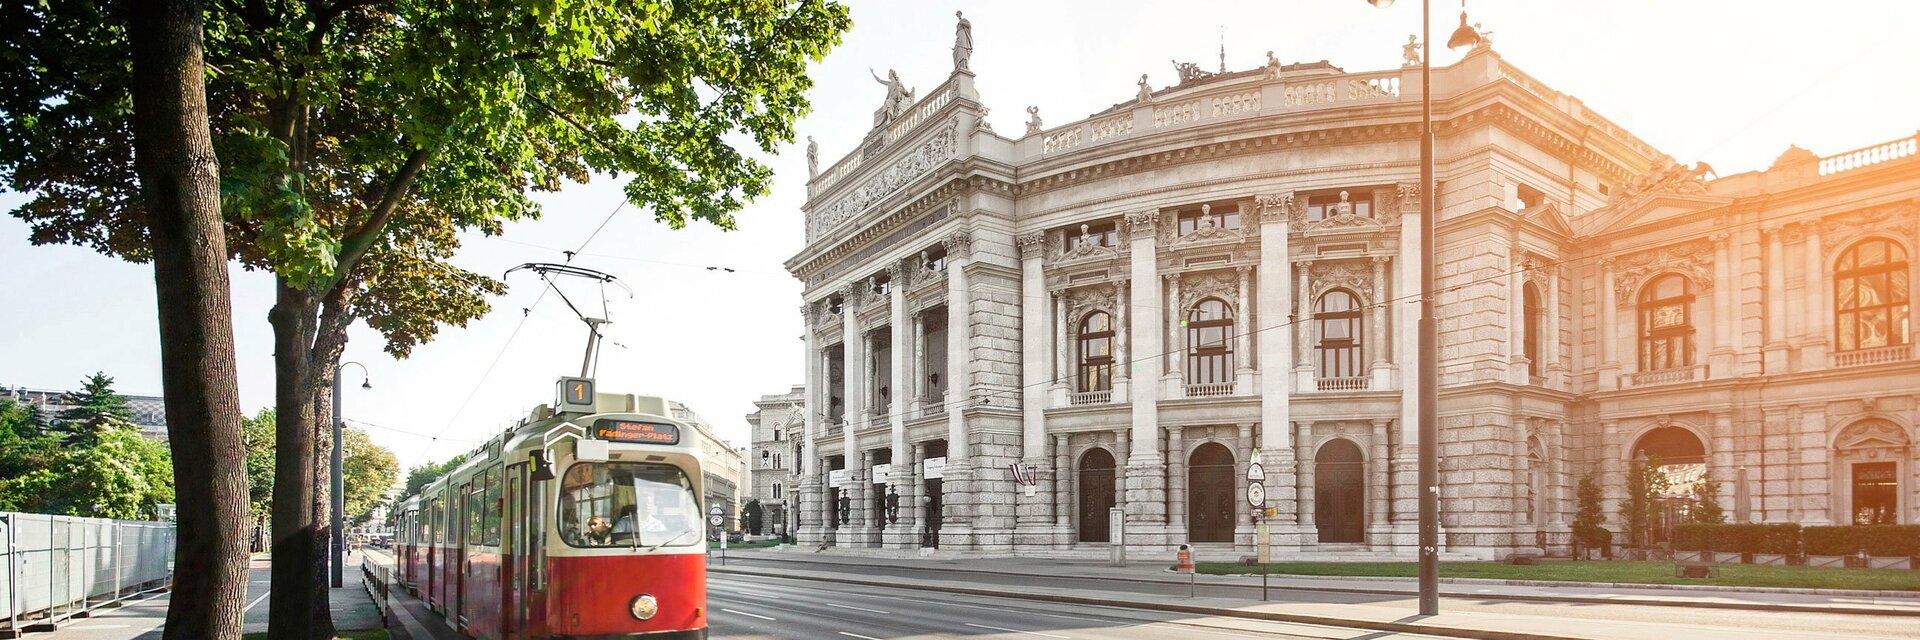 Поиск отелей в Филлахе